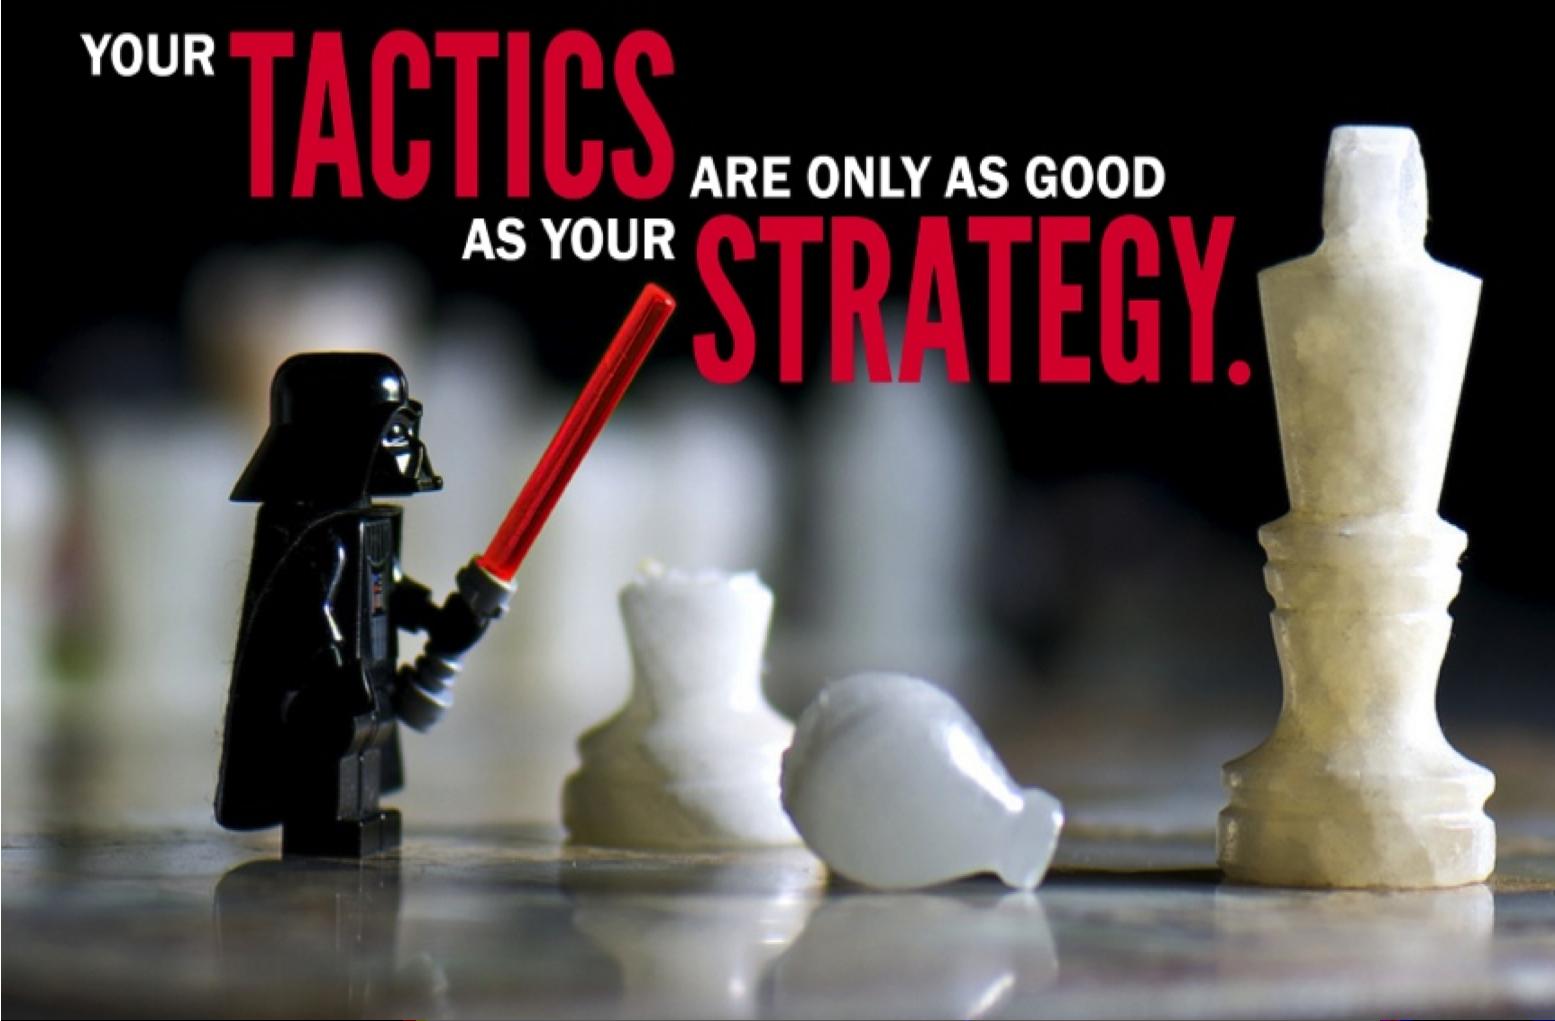 Strategi Politik (ilustrasi)